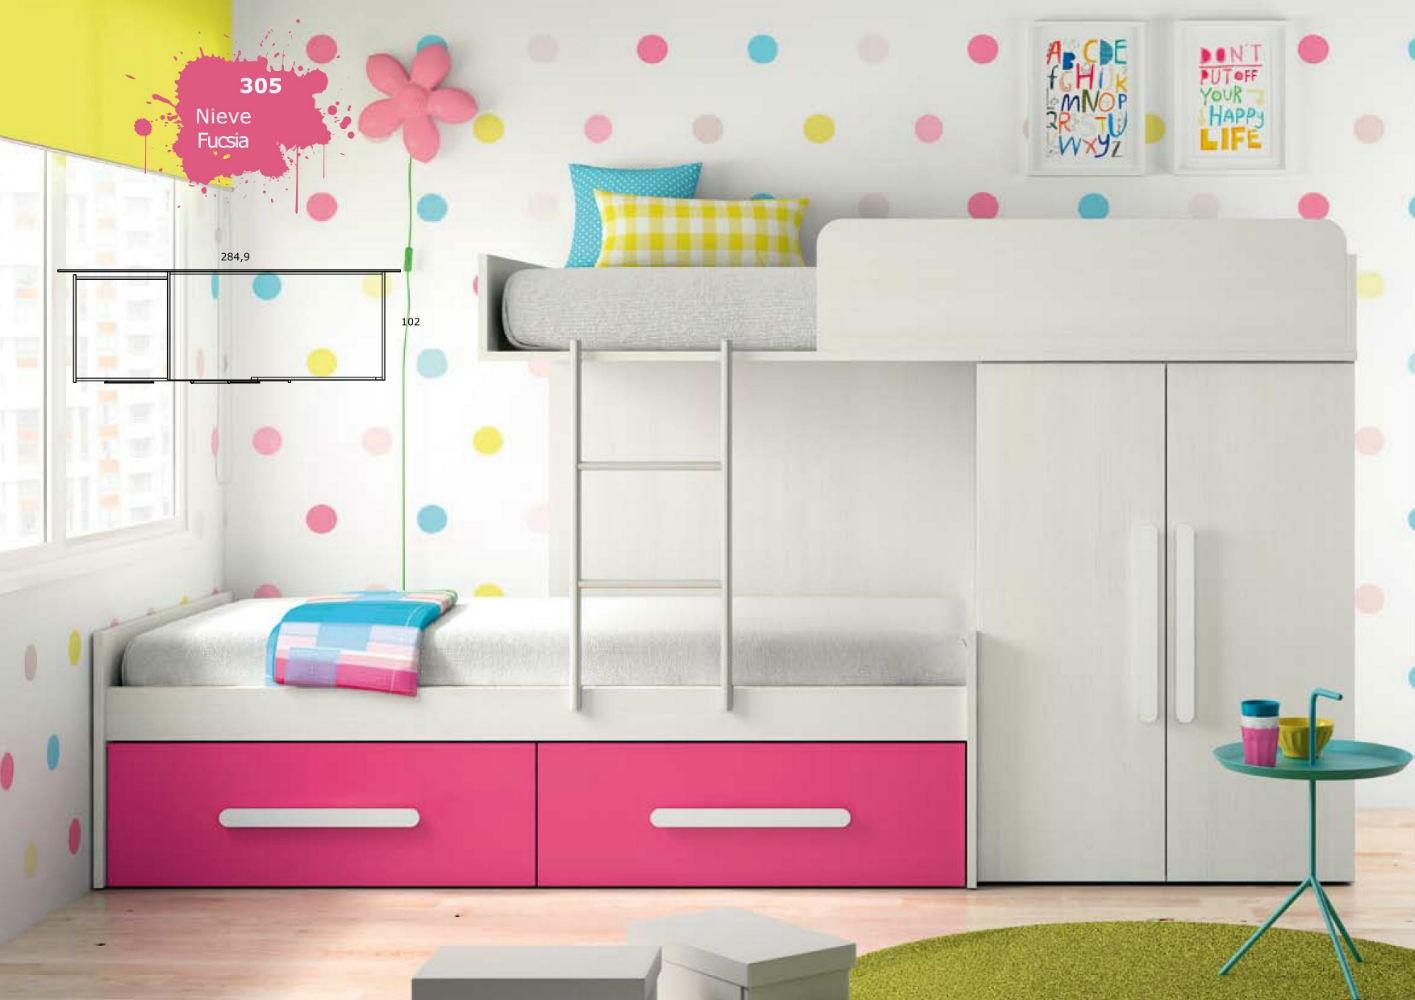 Mueble dormitorio infantil juvenil completo moderno - Ver dormitorios infantiles ...